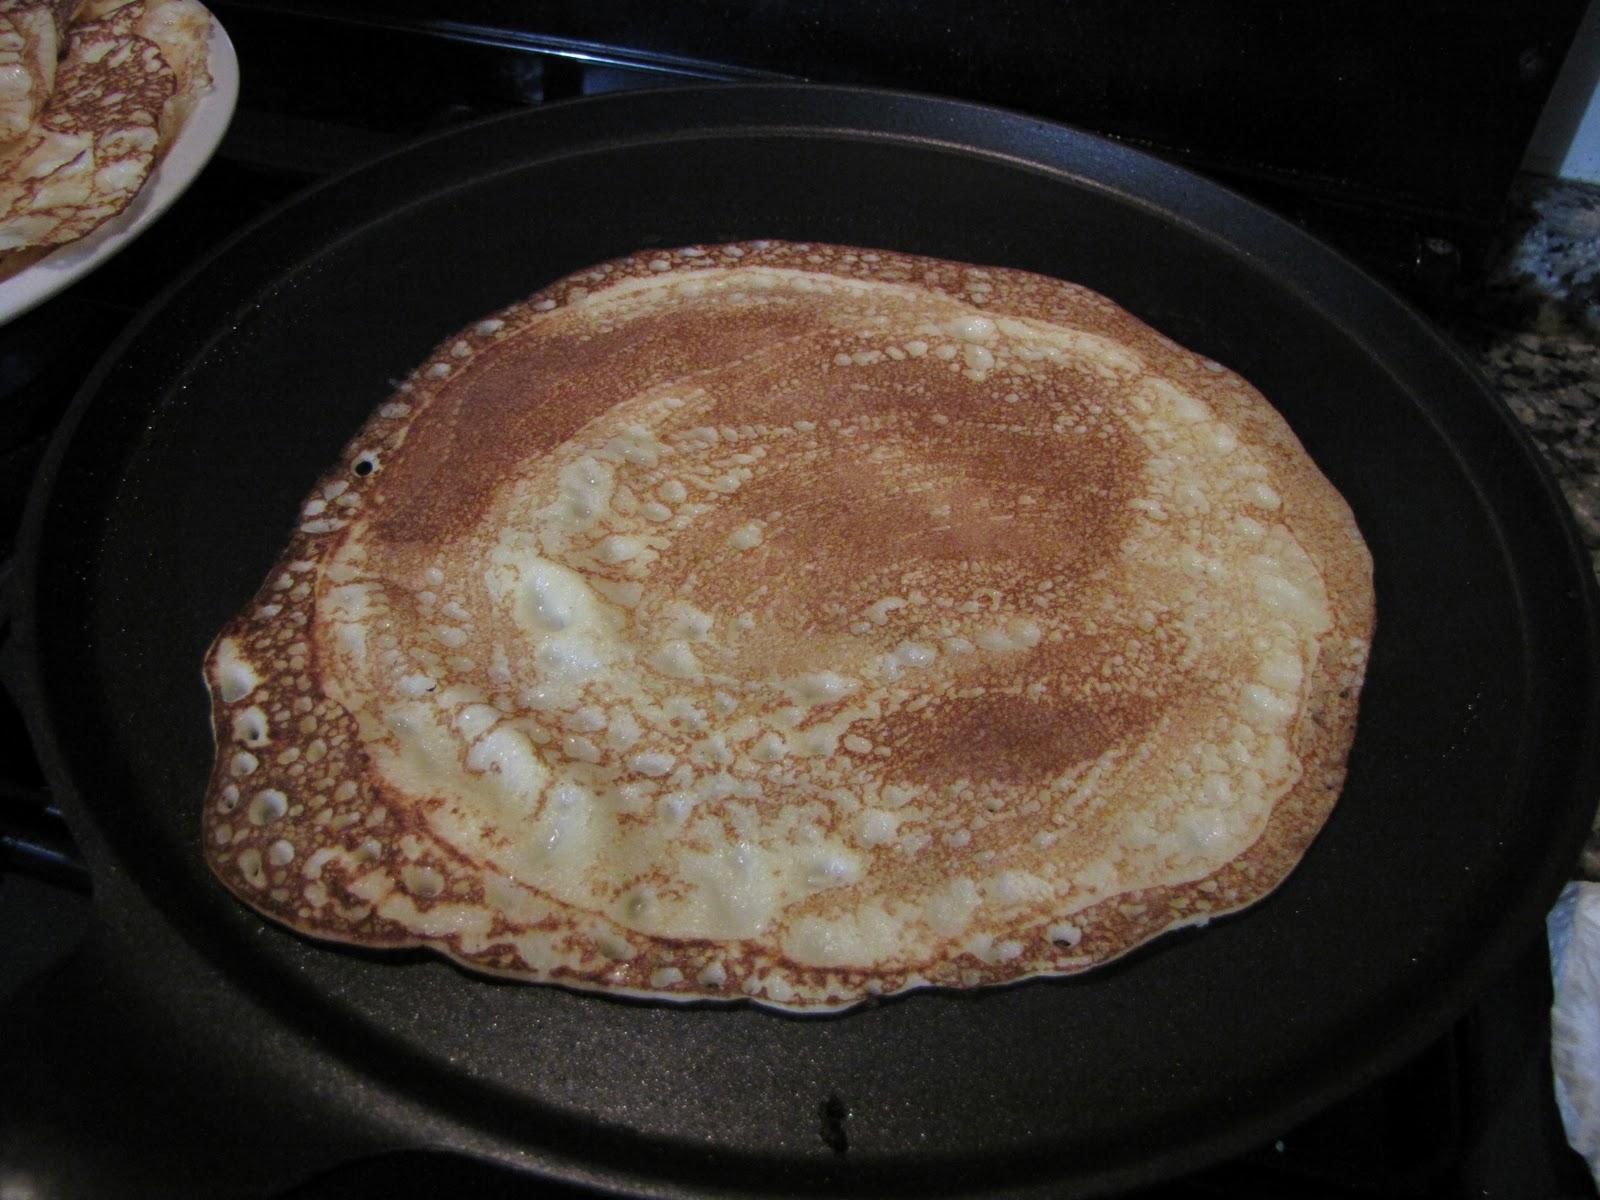 Ai fornelli con la celiachia le cr pes senza glutine - Cucina senza fornelli ...